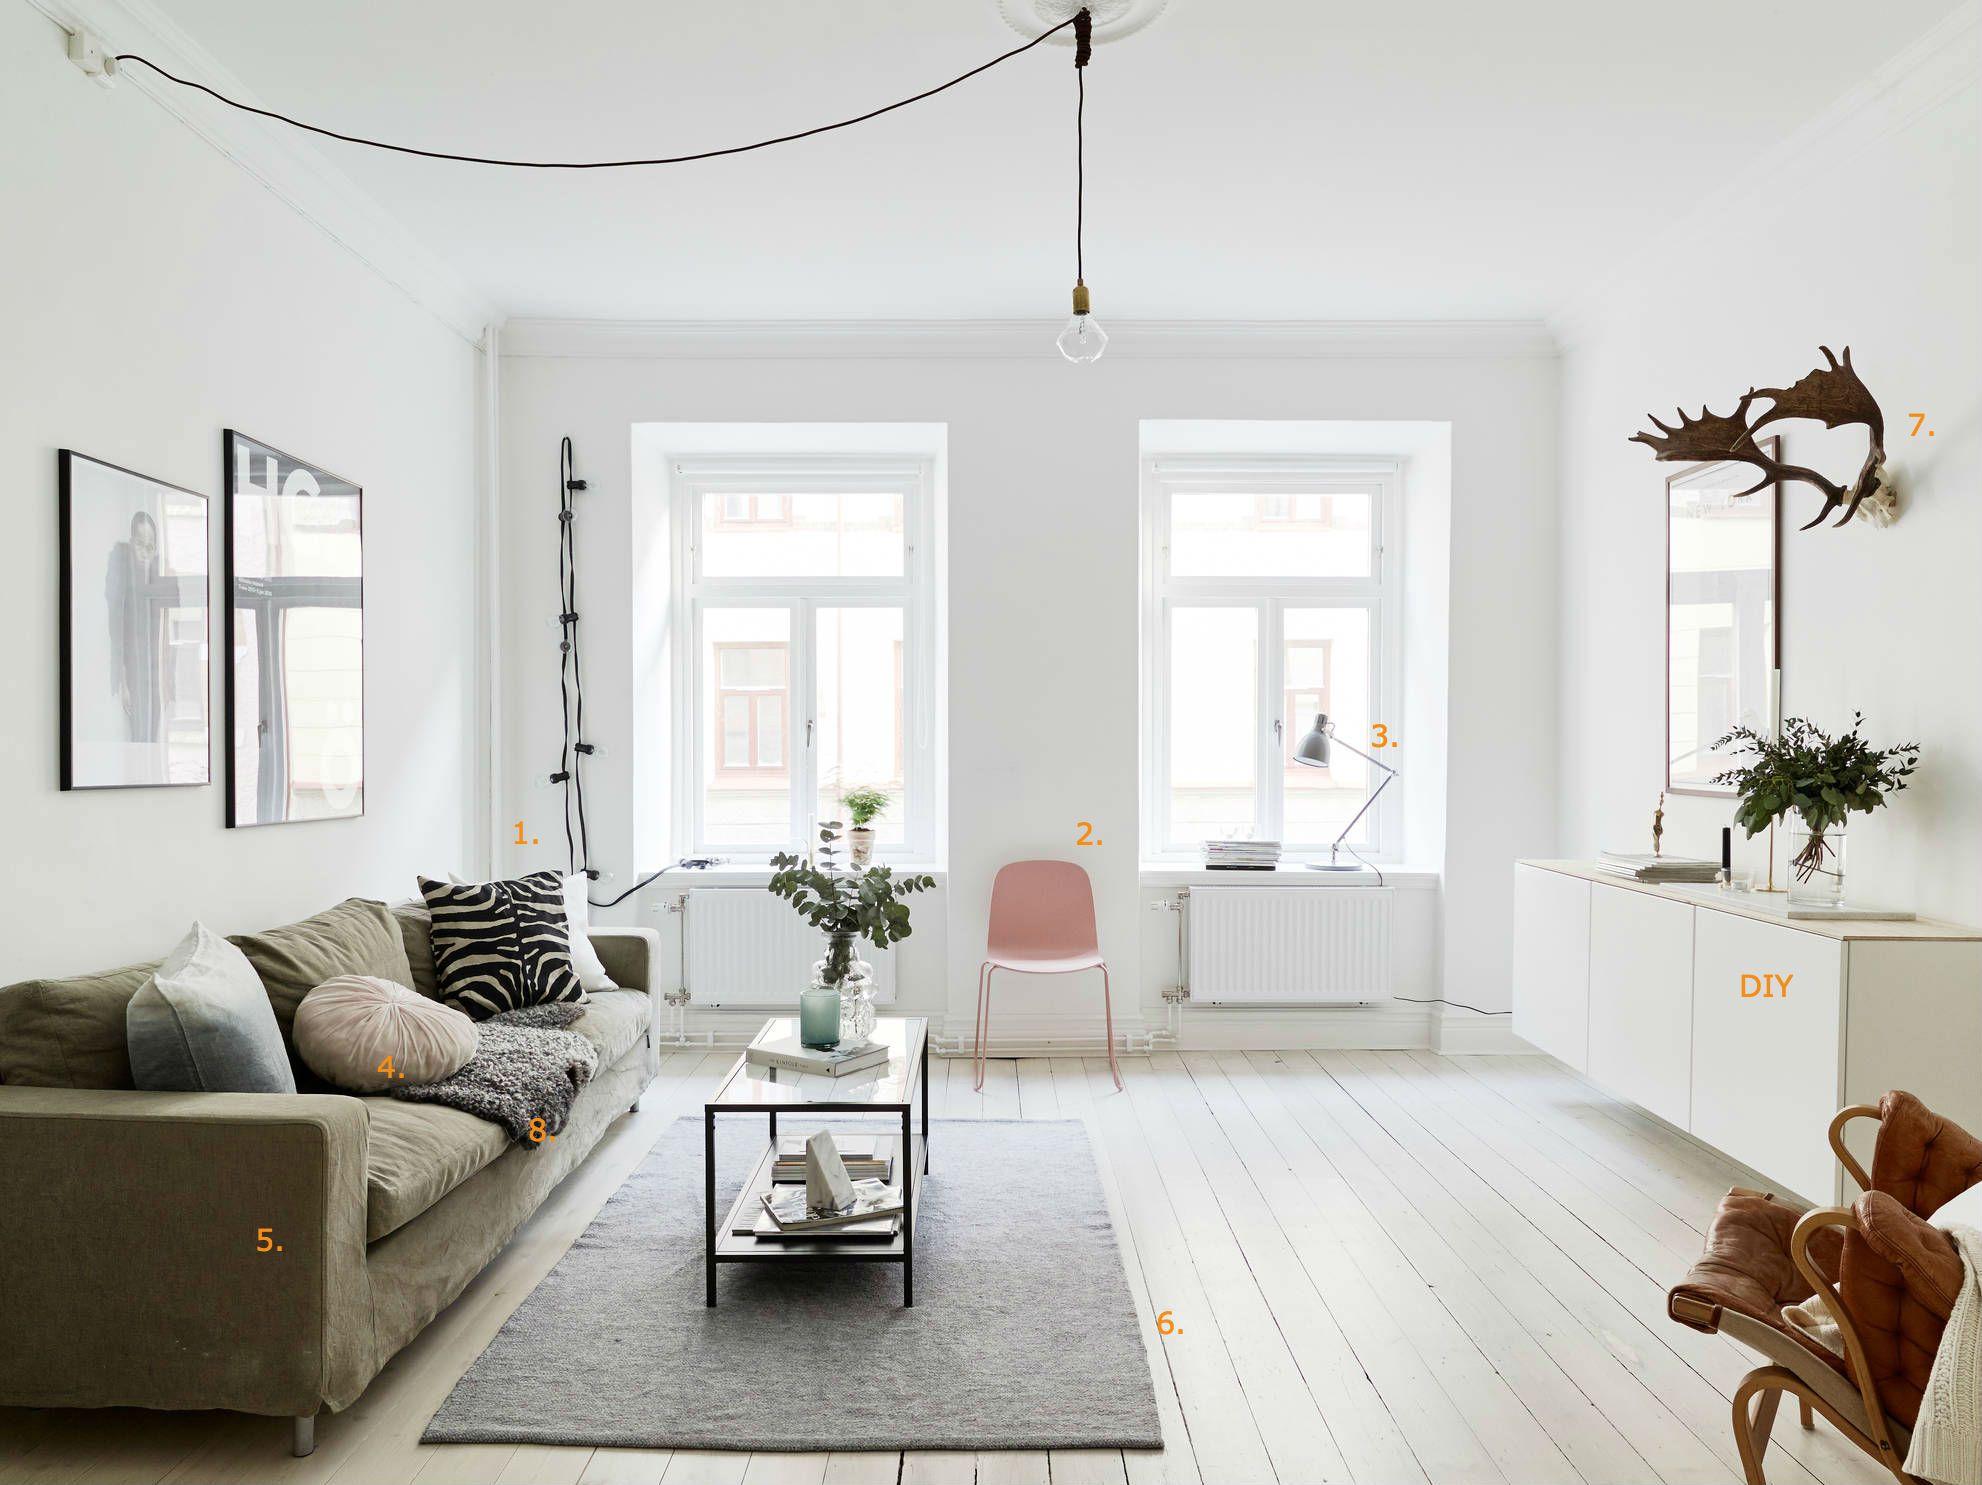 shop the look scandinavische woonkamer roomed roomednl wohngemeinschafteinrichtungkleiner lebensraumwohnrumemoderne wohnzimmerhelle - Modernes Wohnzimmer Des Innenarchitekturlebensraums